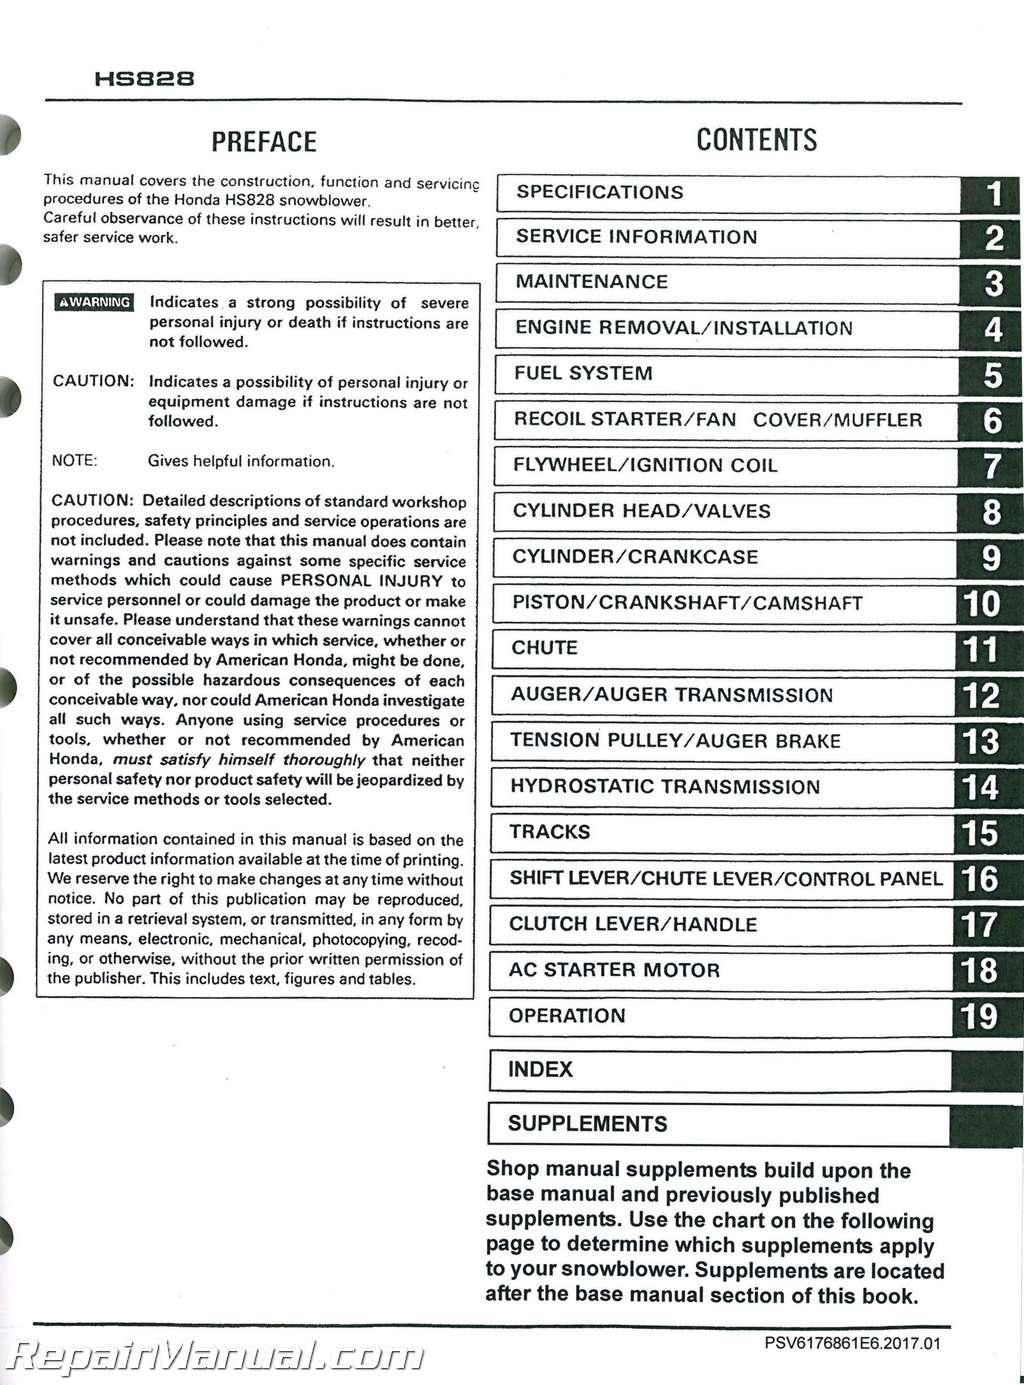 honda hs624 hs724 hs828 hs928 hs1132 snowblower shop manual rh repairmanual com honda hs928 snowblower service manual honda hs928 service manual